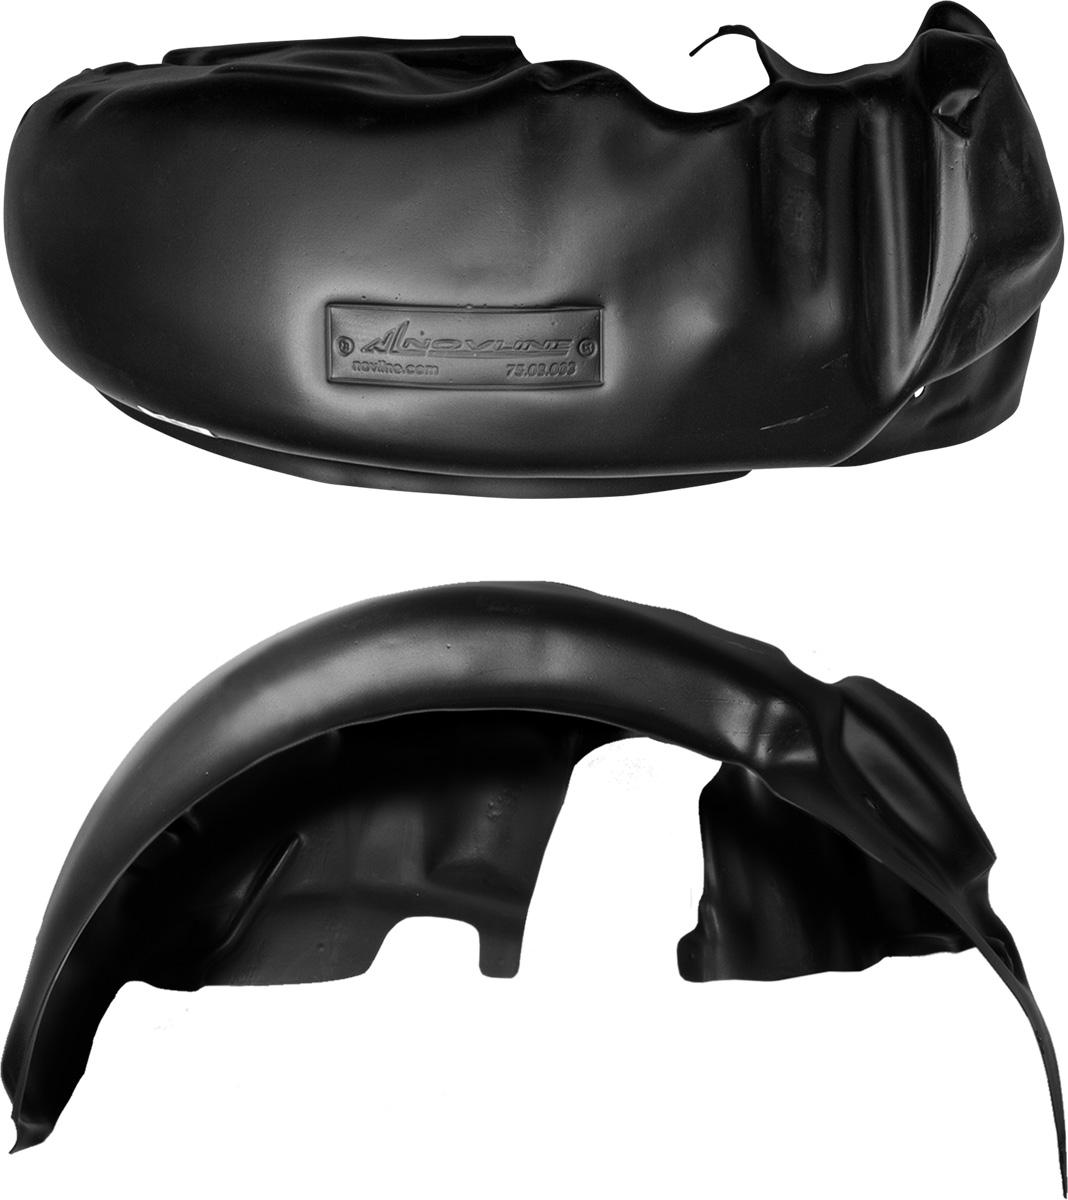 Подкрылок Novline-Autofamily, для Mitsubishi Pajero Sport, 2008->, задний правыйMW-3101Колесные ниши - одни из самых уязвимых зон днища вашего автомобиля. Они постоянно подвергаются воздействию со стороны дороги. Лучшая, почти абсолютная защита для них - специально отформованные пластиковые кожухи, которые называются подкрылками. Производятся они как для отечественных моделей автомобилей, так и для иномарок. Подкрылки Novline-Autofamily выполнены из высококачественного, экологически чистого пластика. Обеспечивают надежную защиту кузова автомобиля от пескоструйного эффекта и негативного влияния, агрессивных антигололедных реагентов. Пластик обладает более низкой теплопроводностью, чем металл, поэтому в зимний период эксплуатации использование пластиковых подкрылков позволяет лучше защитить колесные ниши от налипания снега и образования наледи. Оригинальность конструкции подчеркивает элегантность автомобиля, бережно защищает нанесенное на днище кузова антикоррозийное покрытие и позволяет осуществить крепление подкрылков внутри колесной арки практически без дополнительного крепежа и сверления, не нарушая при этом лакокрасочного покрытия, что предотвращает возникновение новых очагов коррозии. Подкрылки долговечны, обладают высокой прочностью и сохраняют заданную форму, а также все свои физико-механические характеристики в самых тяжелых климатических условиях (от -50°С до +50°С).Уважаемые клиенты!Обращаем ваше внимание, на тот факт, что подкрылок имеет форму, соответствующую модели данного автомобиля. Фото служит для визуального восприятия товара.